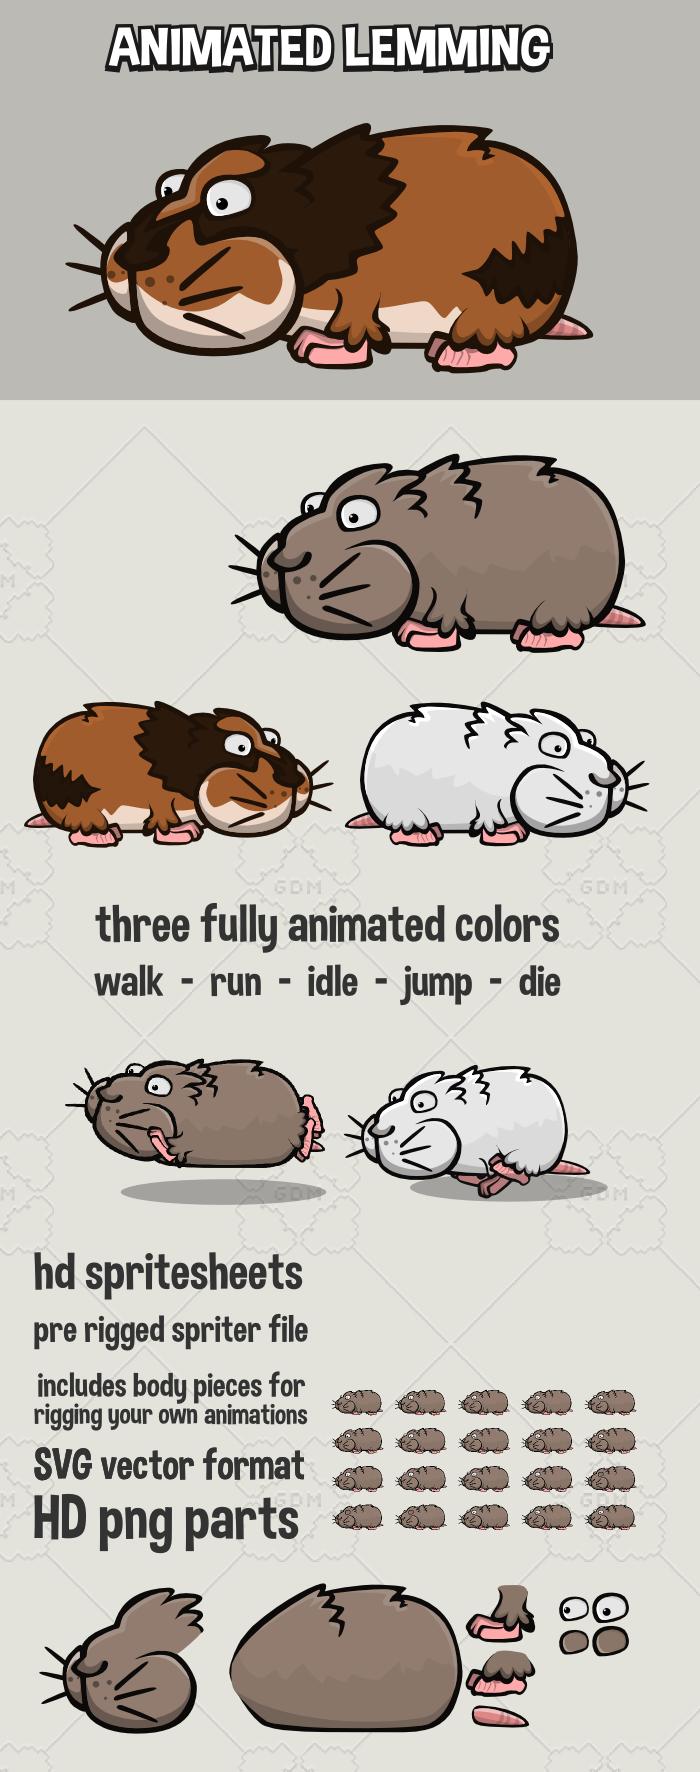 Animated lemming